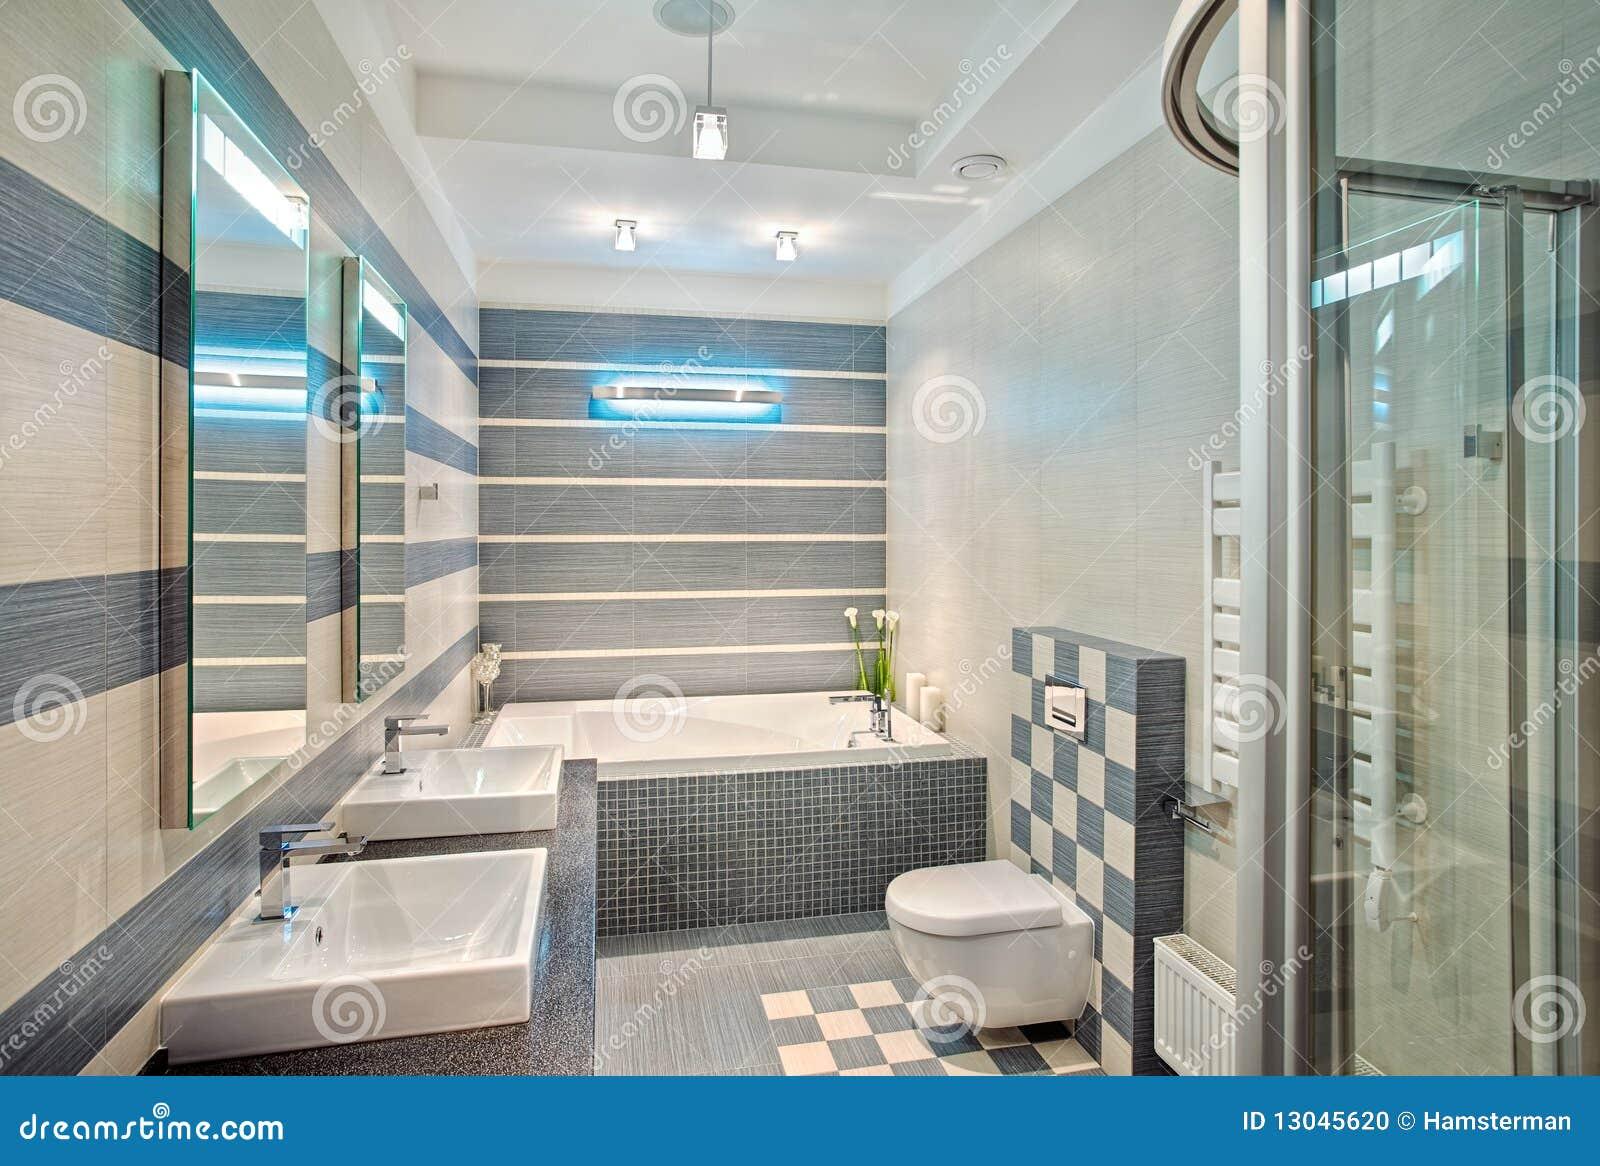 Banheiro Moderno Em Tons Azuis E Cinzentos Com Mosaico Foto de Stock  #4A7881 1300 964